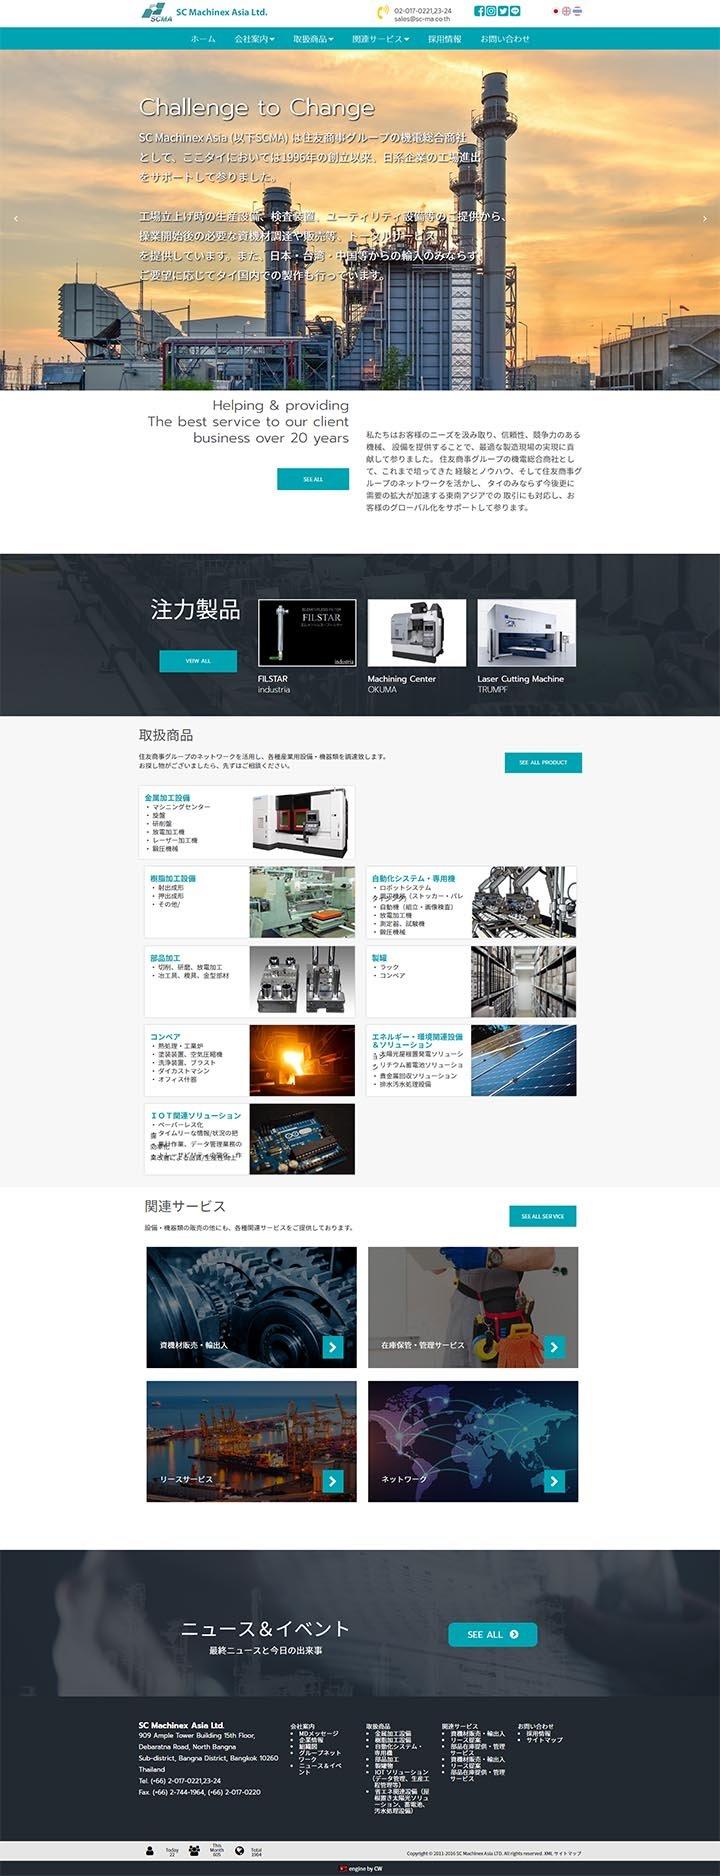 ออกแบบเว็บไซต์WebDesignงานญี่ปุ่น,ทำเว็บไซต์WebDevelopment